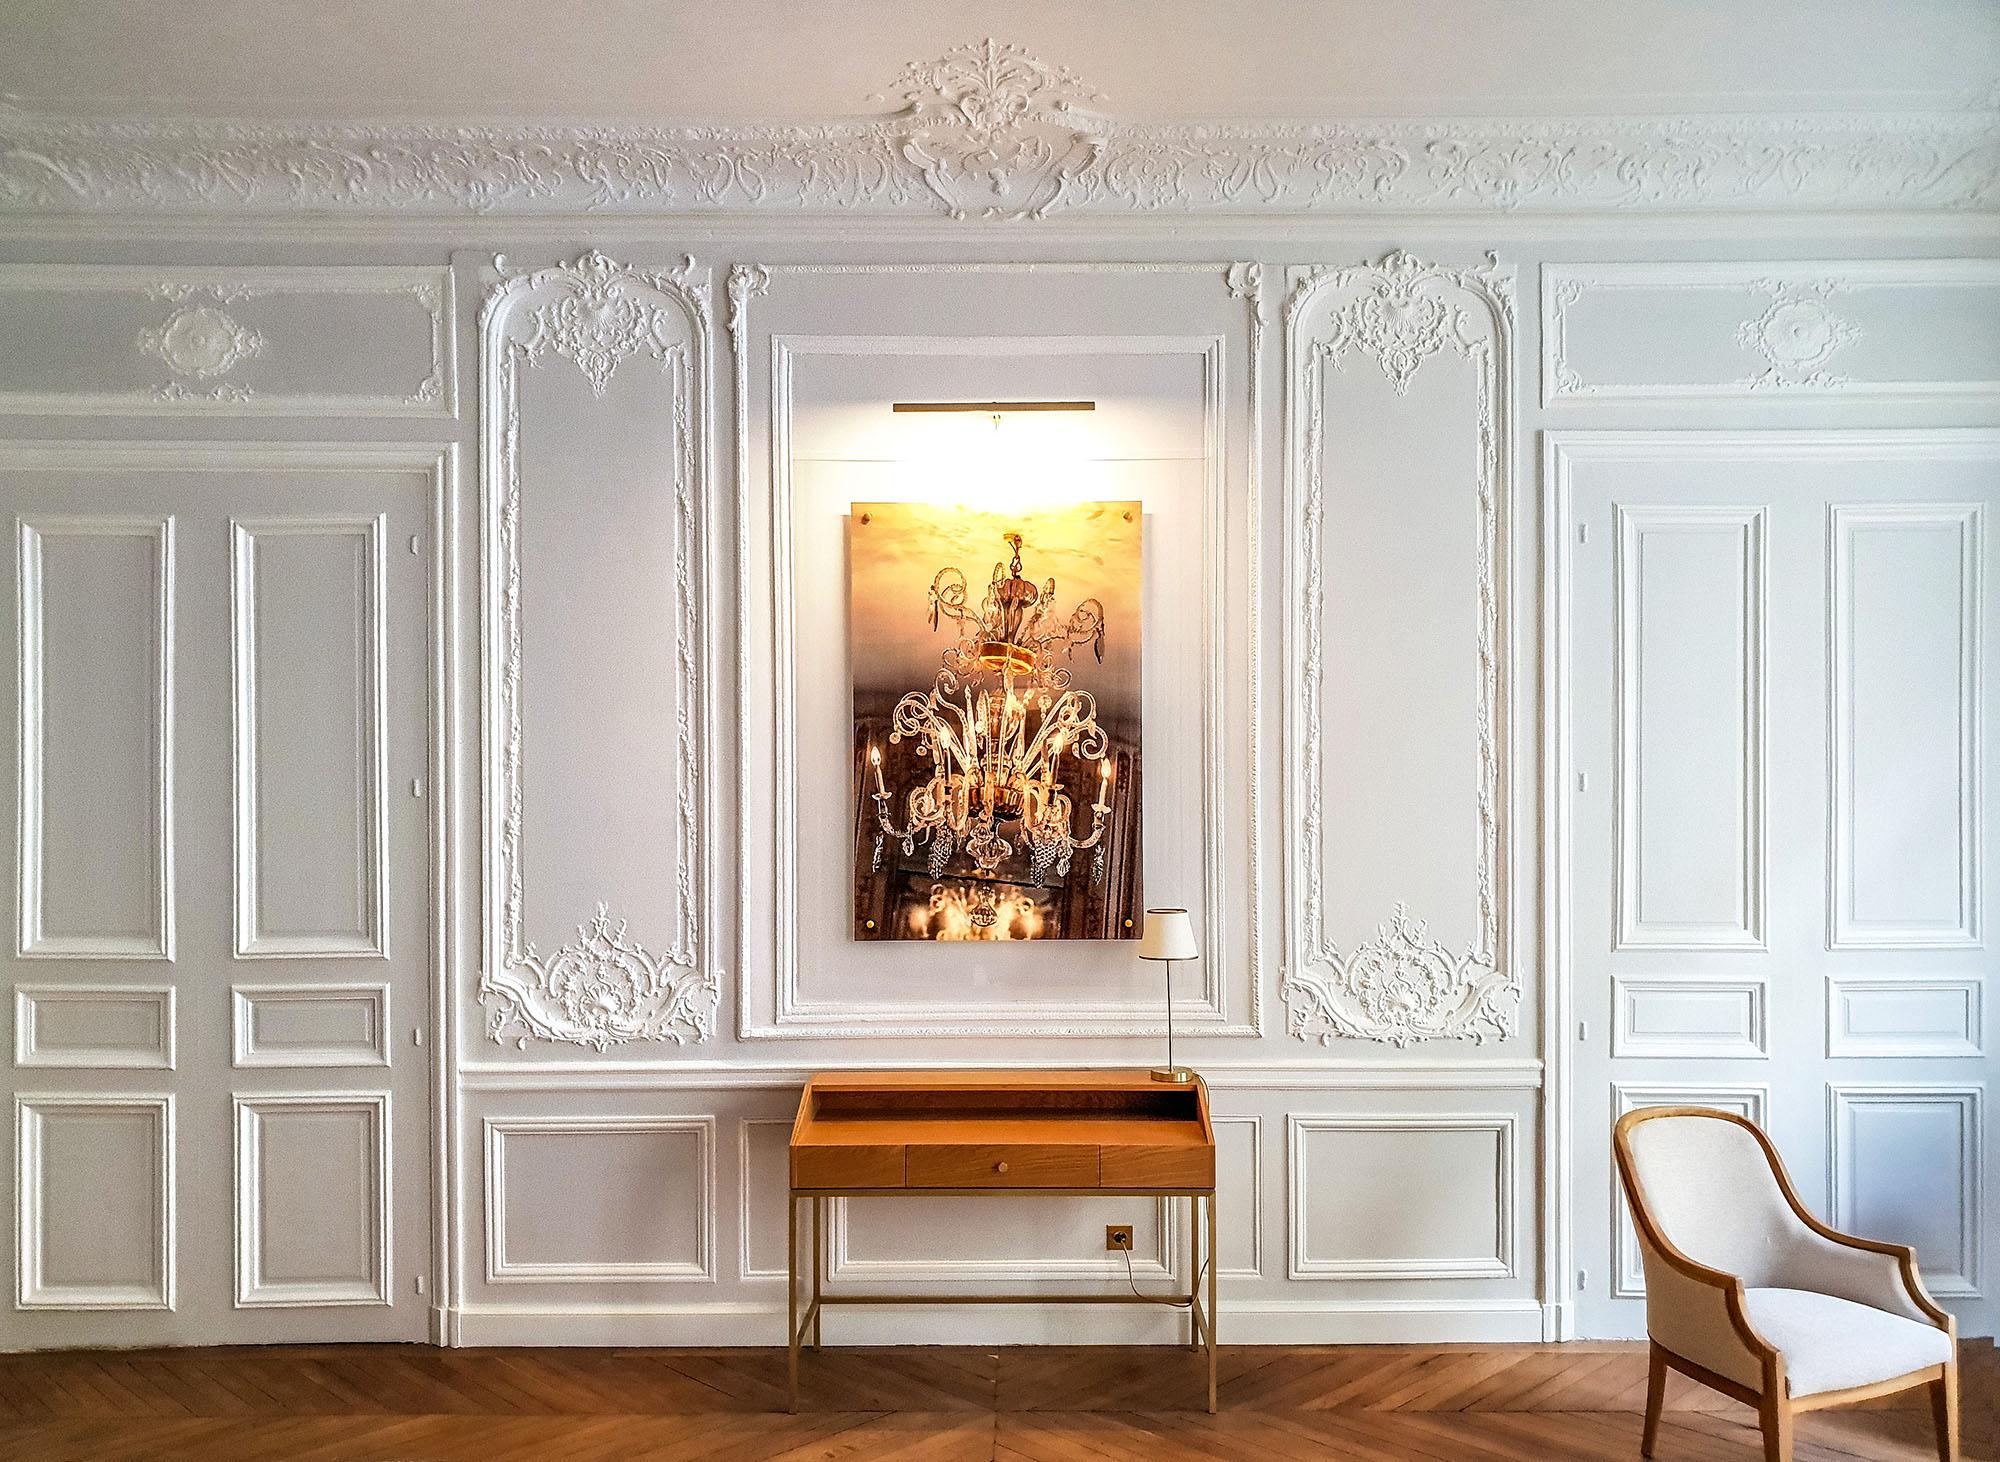 Photographie de chantier - Hôtel Alfred Sommier, Paris